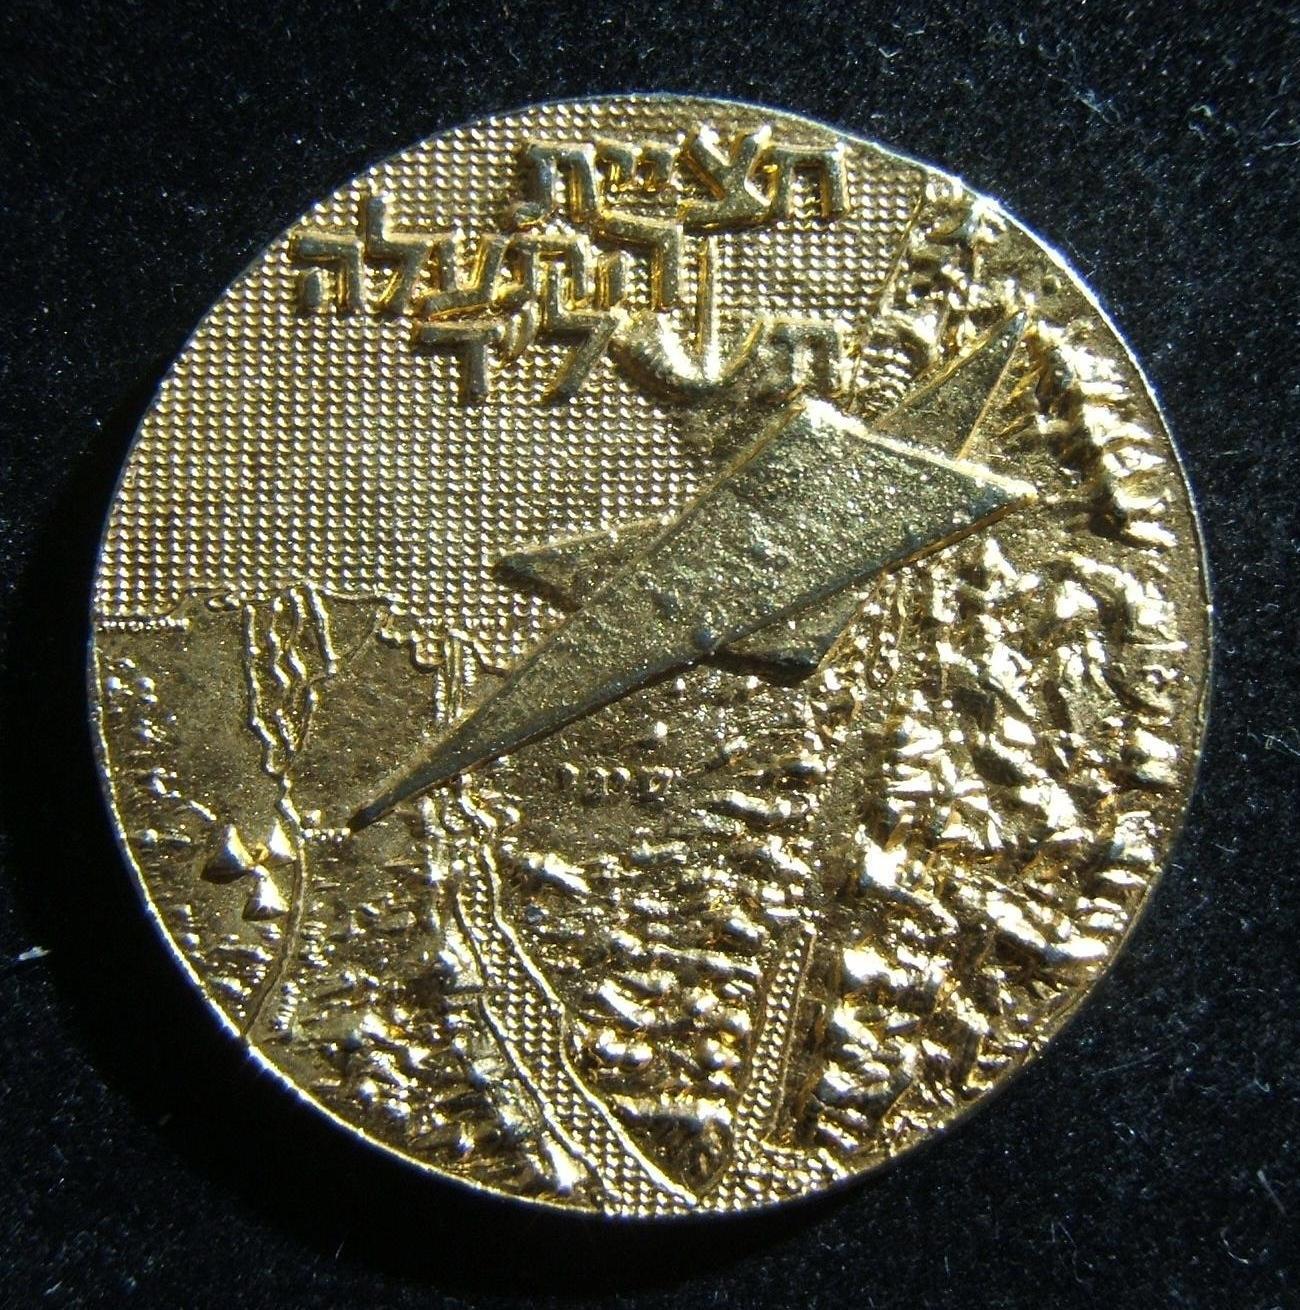 Israel: Uniface-Gedenkmedaille zur Überquerung des Suezkanals im Jom-Kippur-Krieg, ND, ca. 1974; kein Hersteller gekennzeichnet; aus Metall, nachgearbeitet mit goldener Farbe; Größ